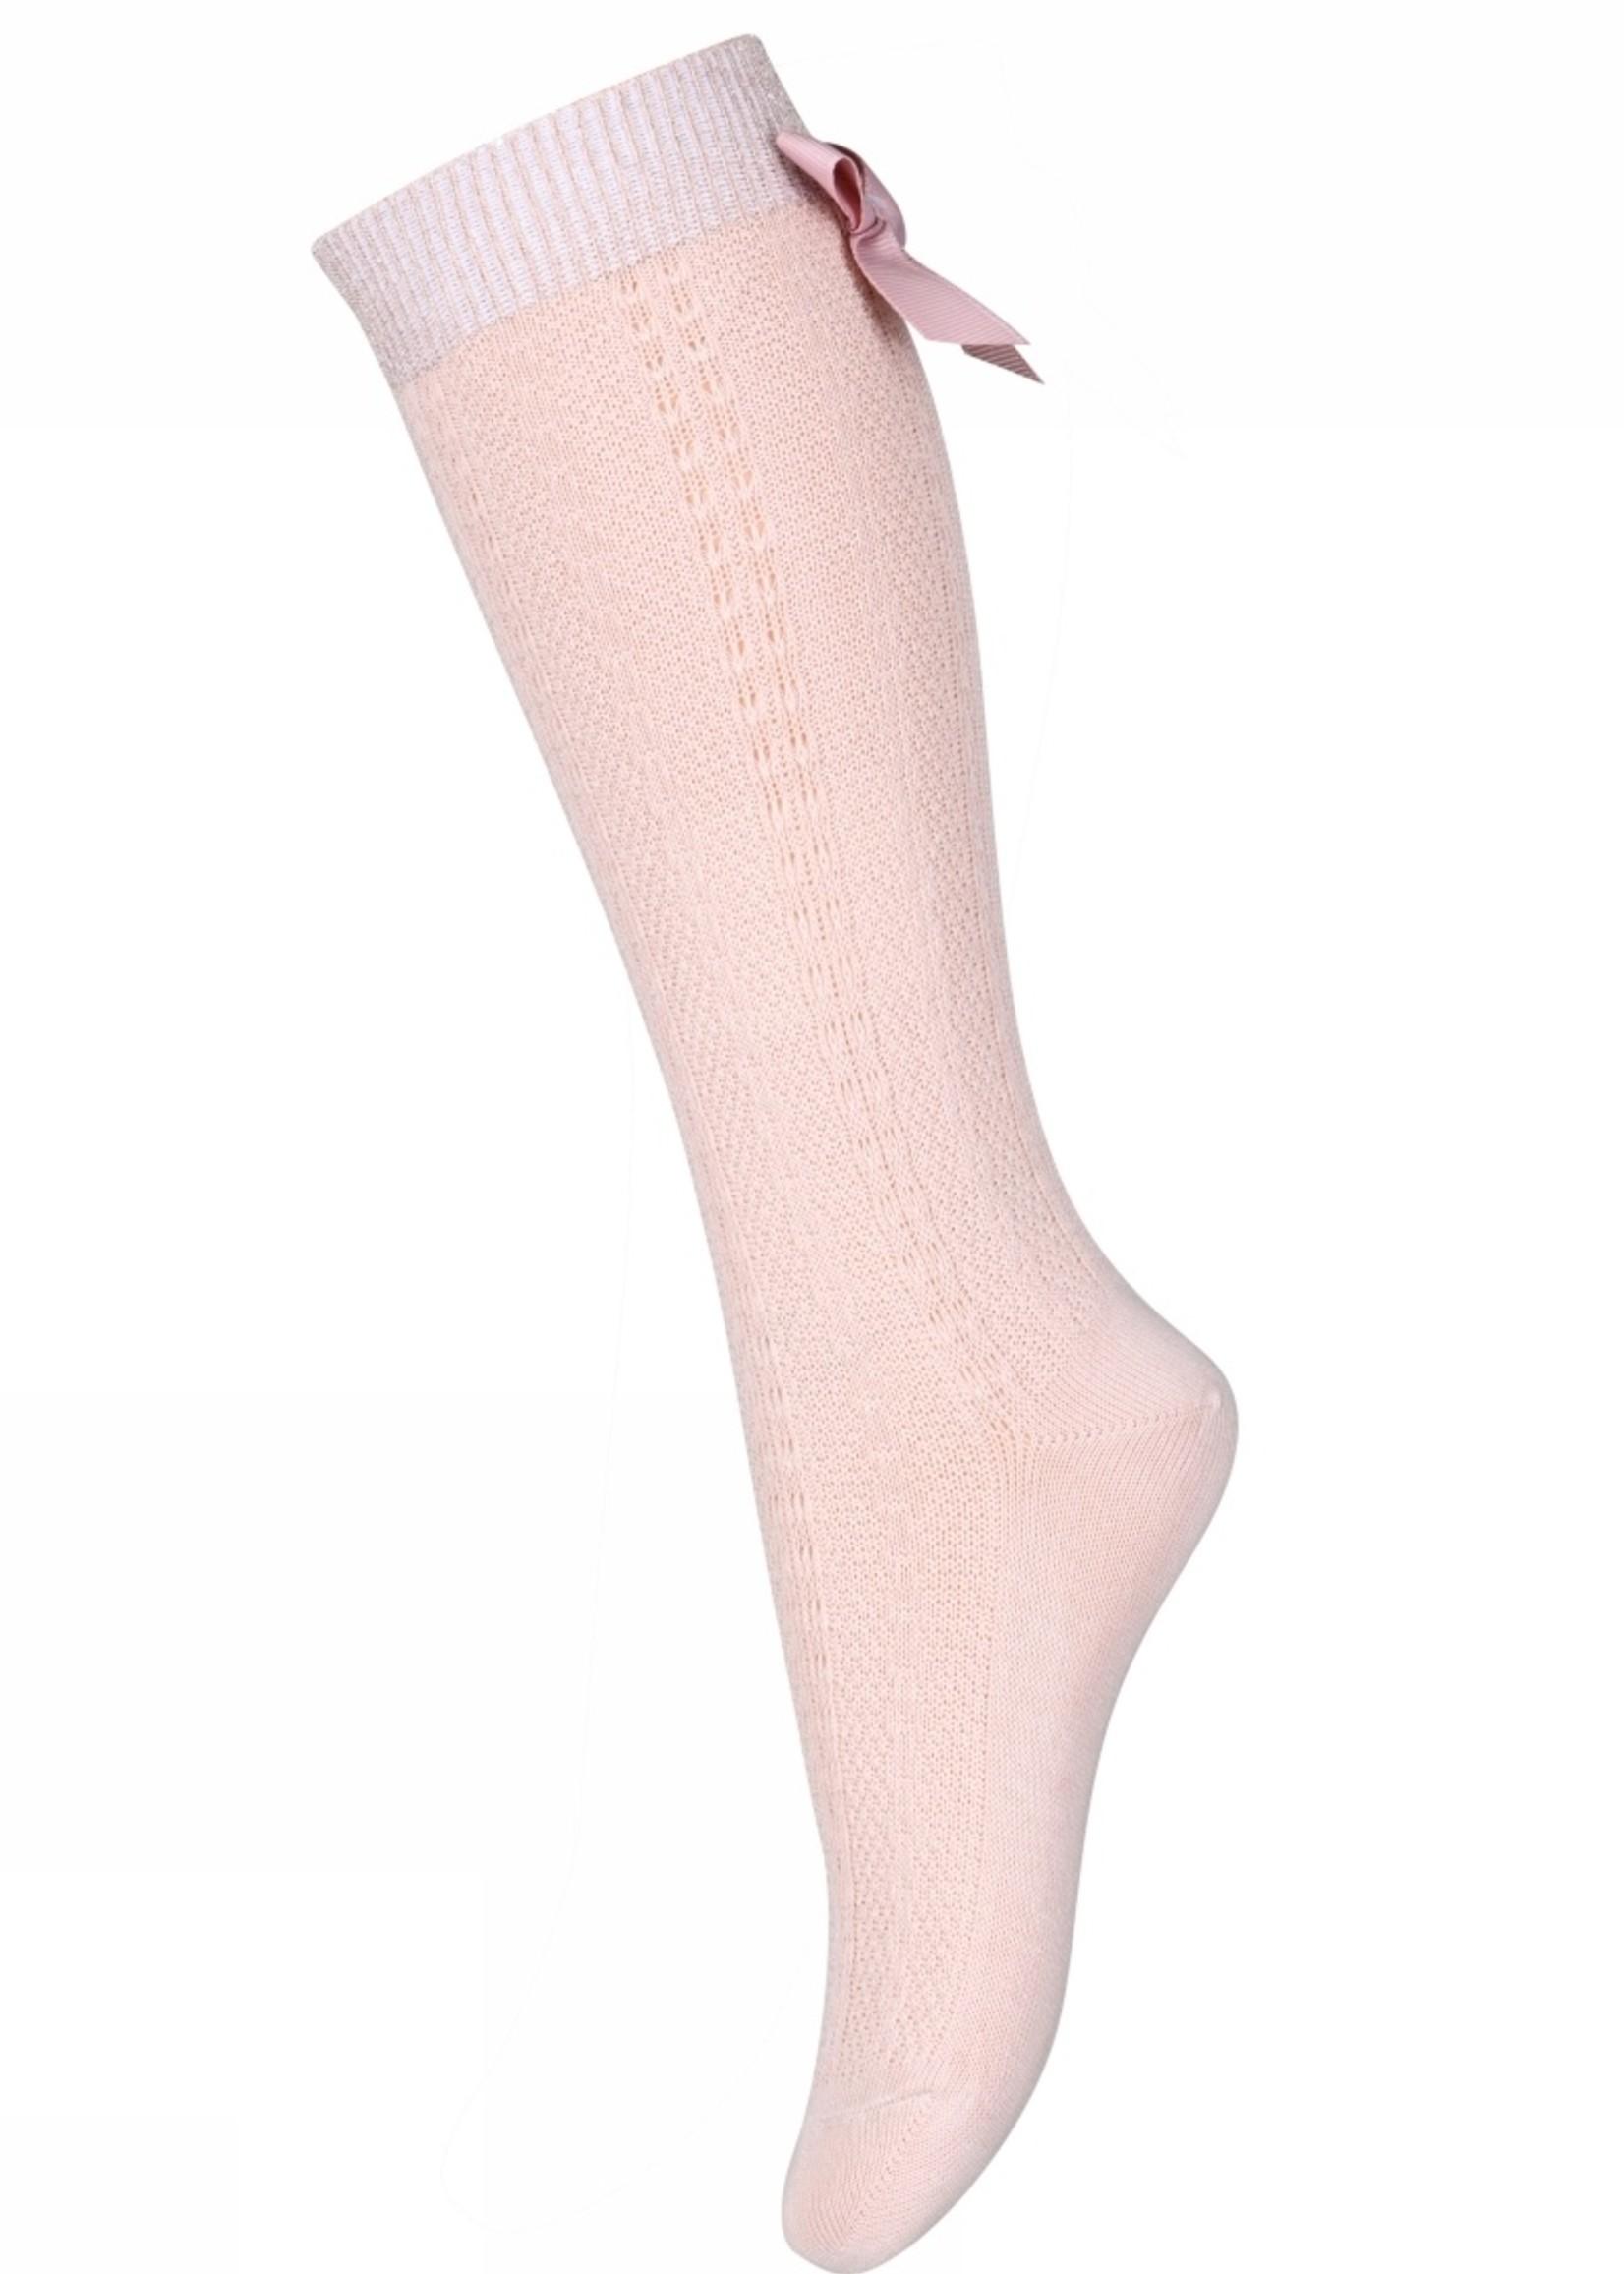 MP Denmark Sofia knee socks with bow - Rose Dust